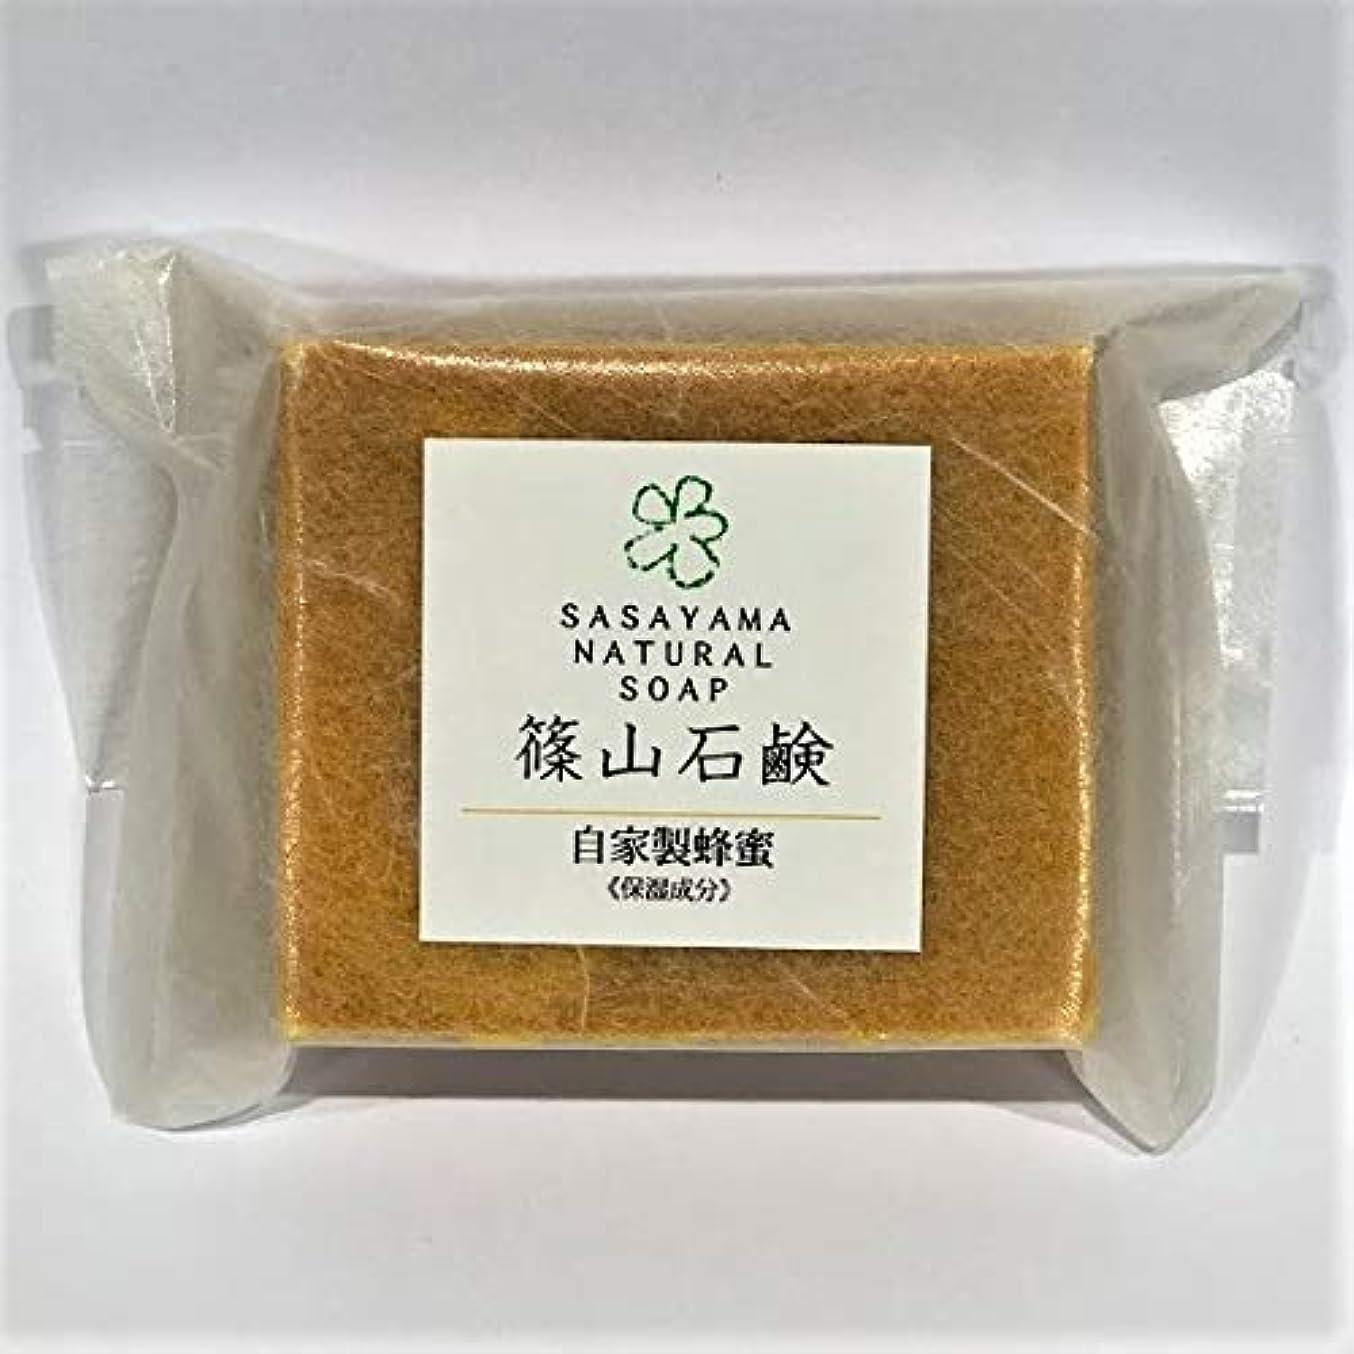 宣言するセクタ切り刻む篠山石鹸 (自家製ハチミツ, 1個)